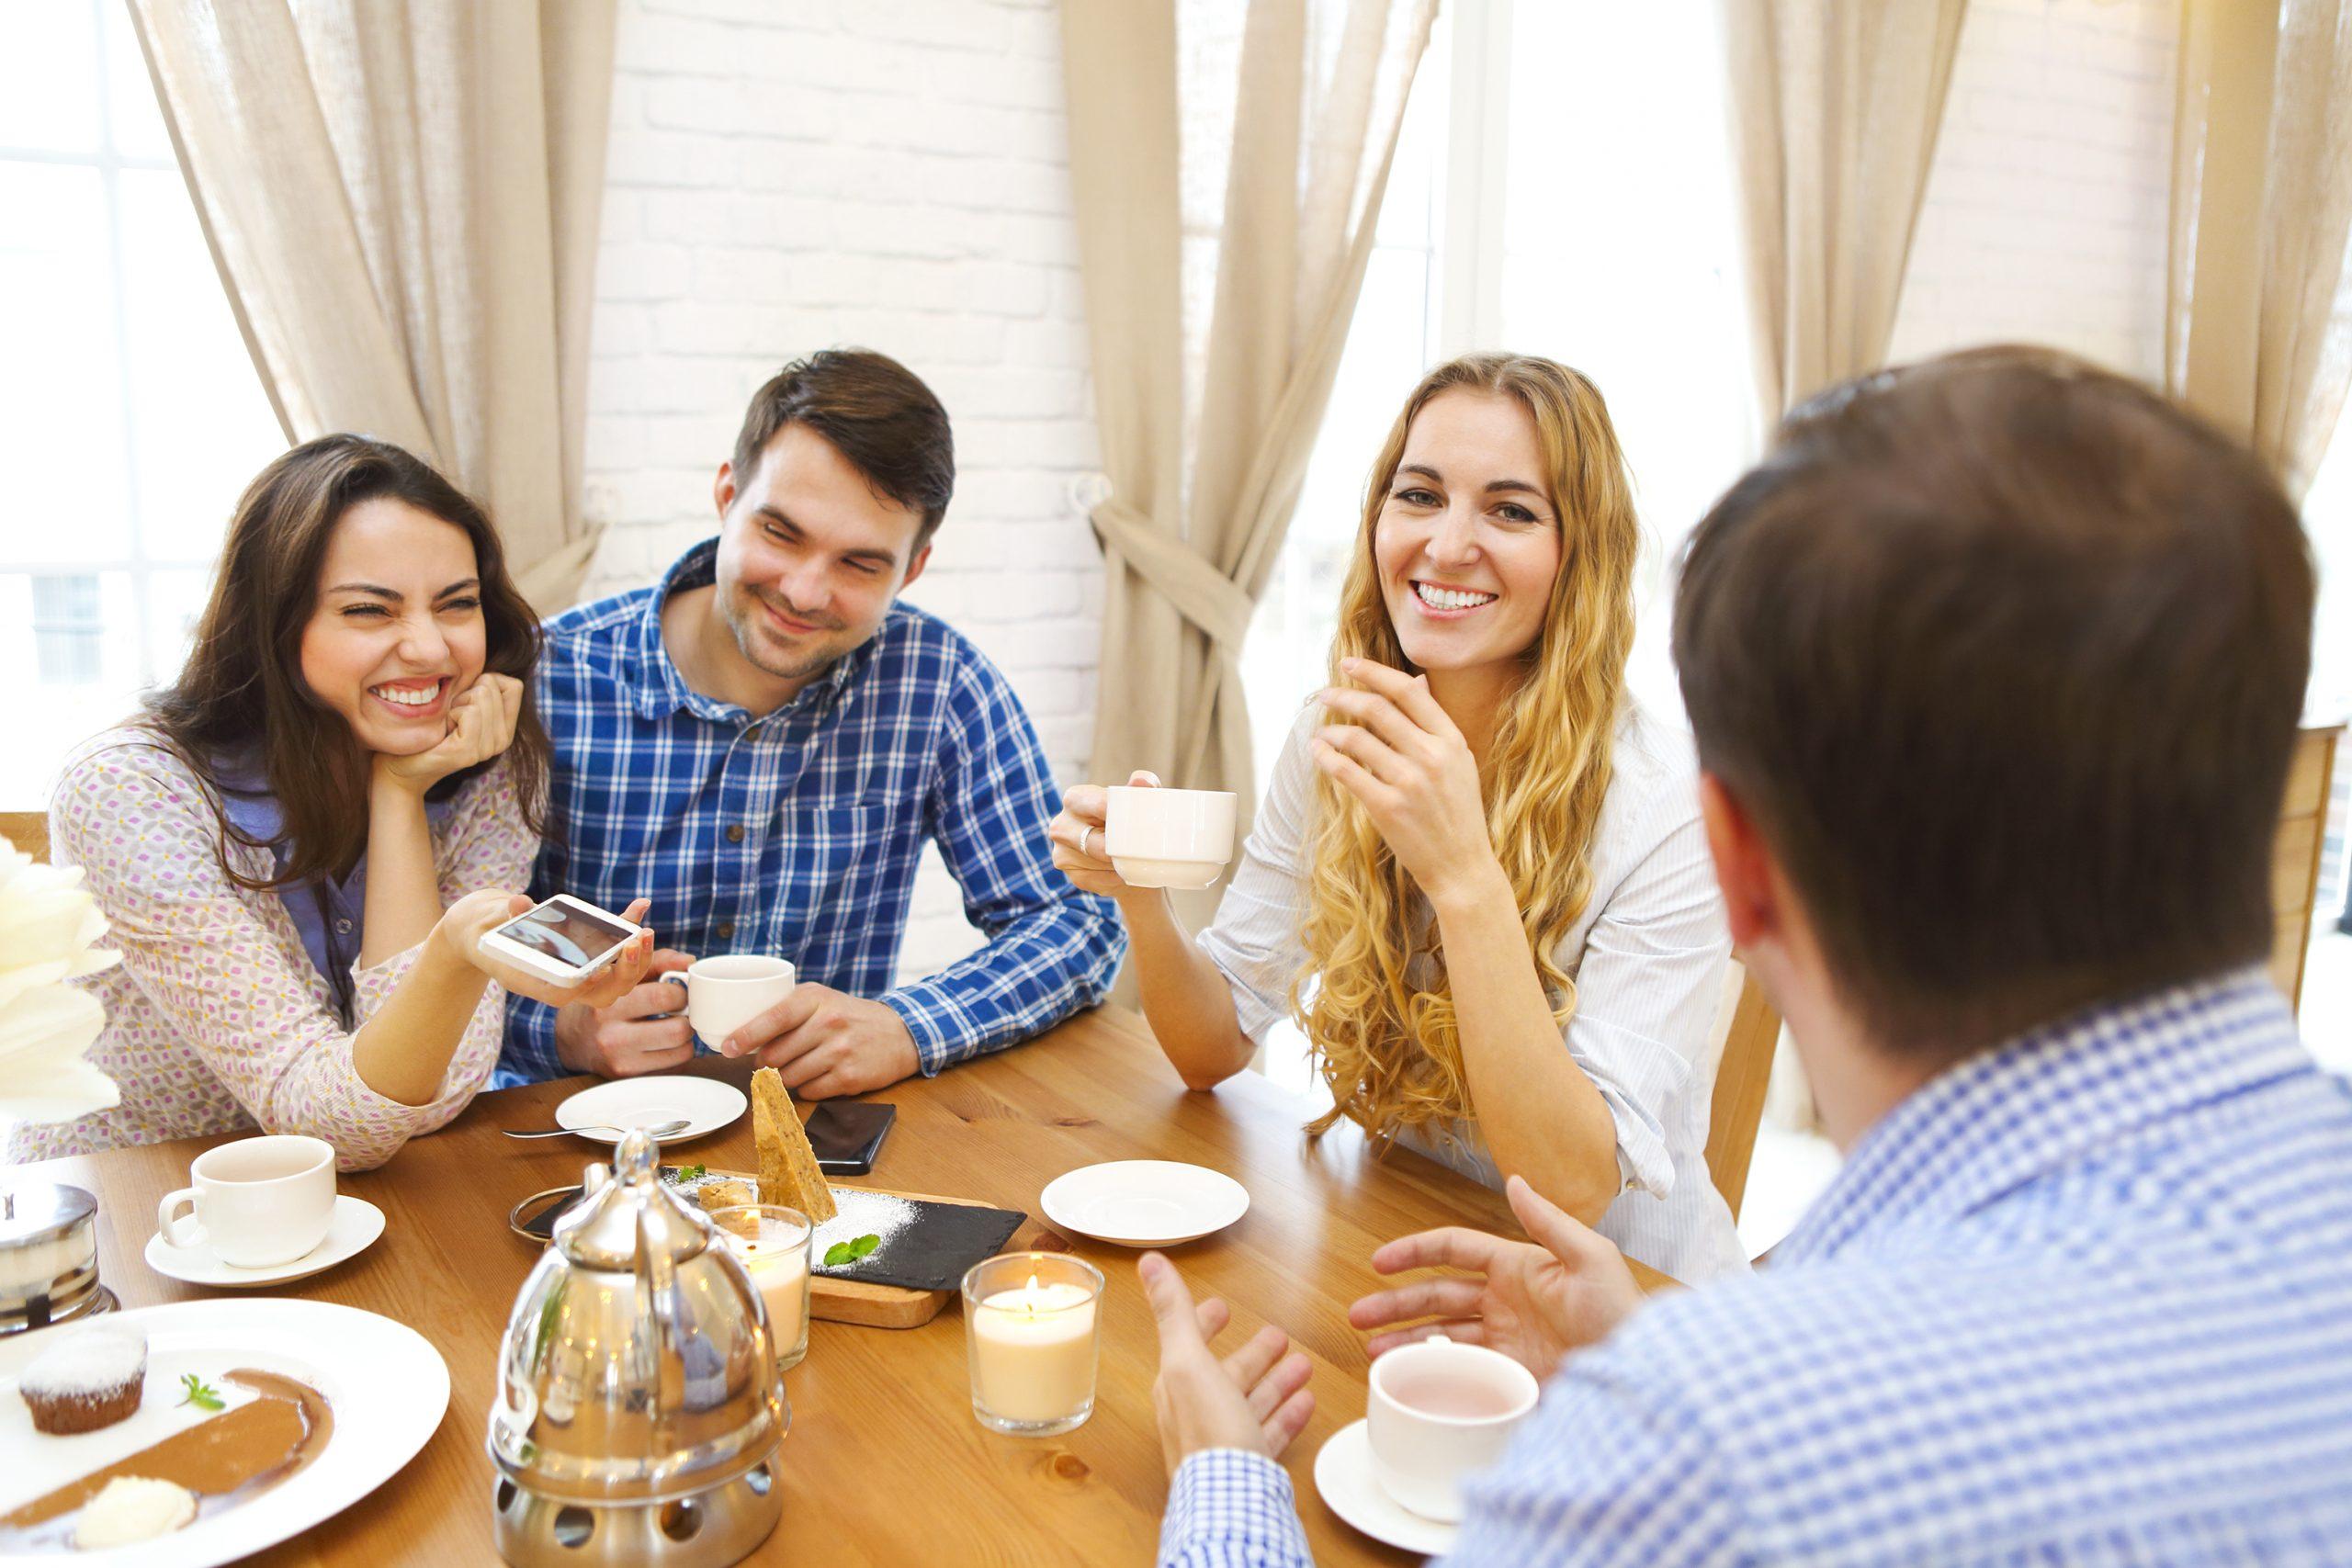 Foto tavola con ospiti sorridenti no muffa